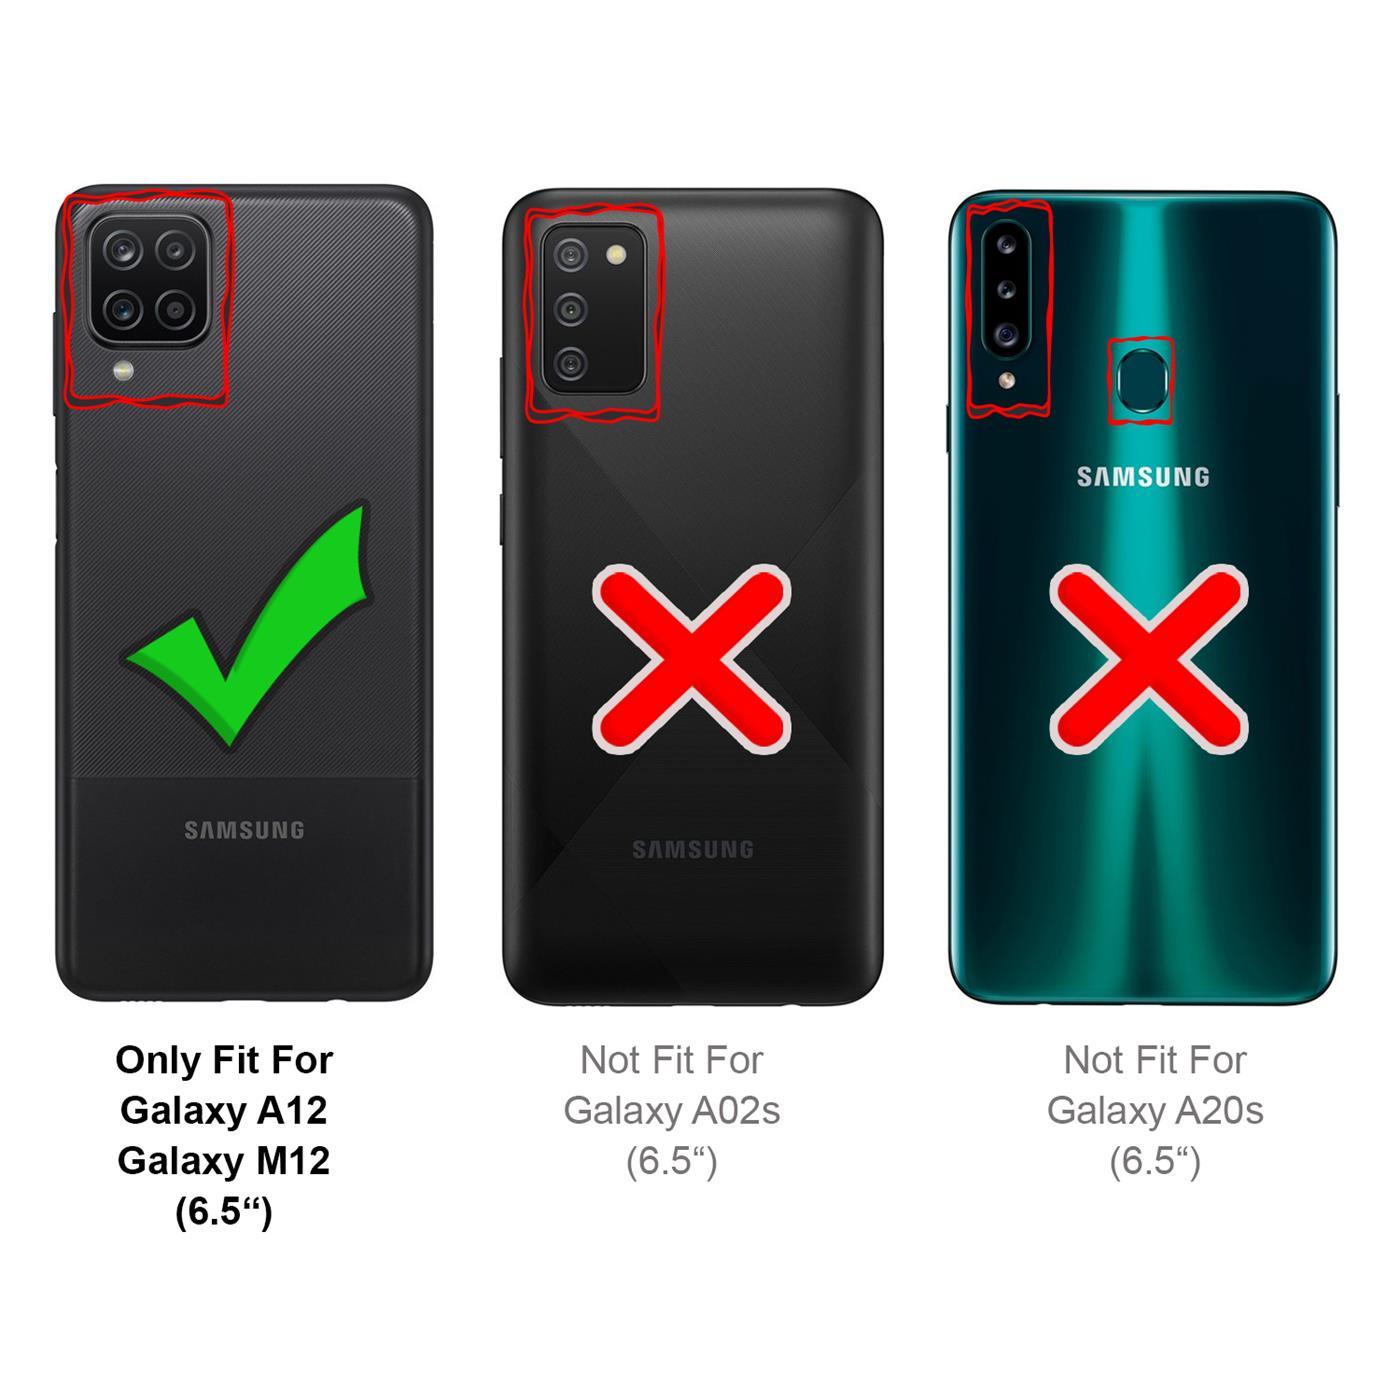 miniatura 13 - Funda de móvil para Samsung Galaxy a12 m12, funda protectora Book Funda protectora móvil cartera cover